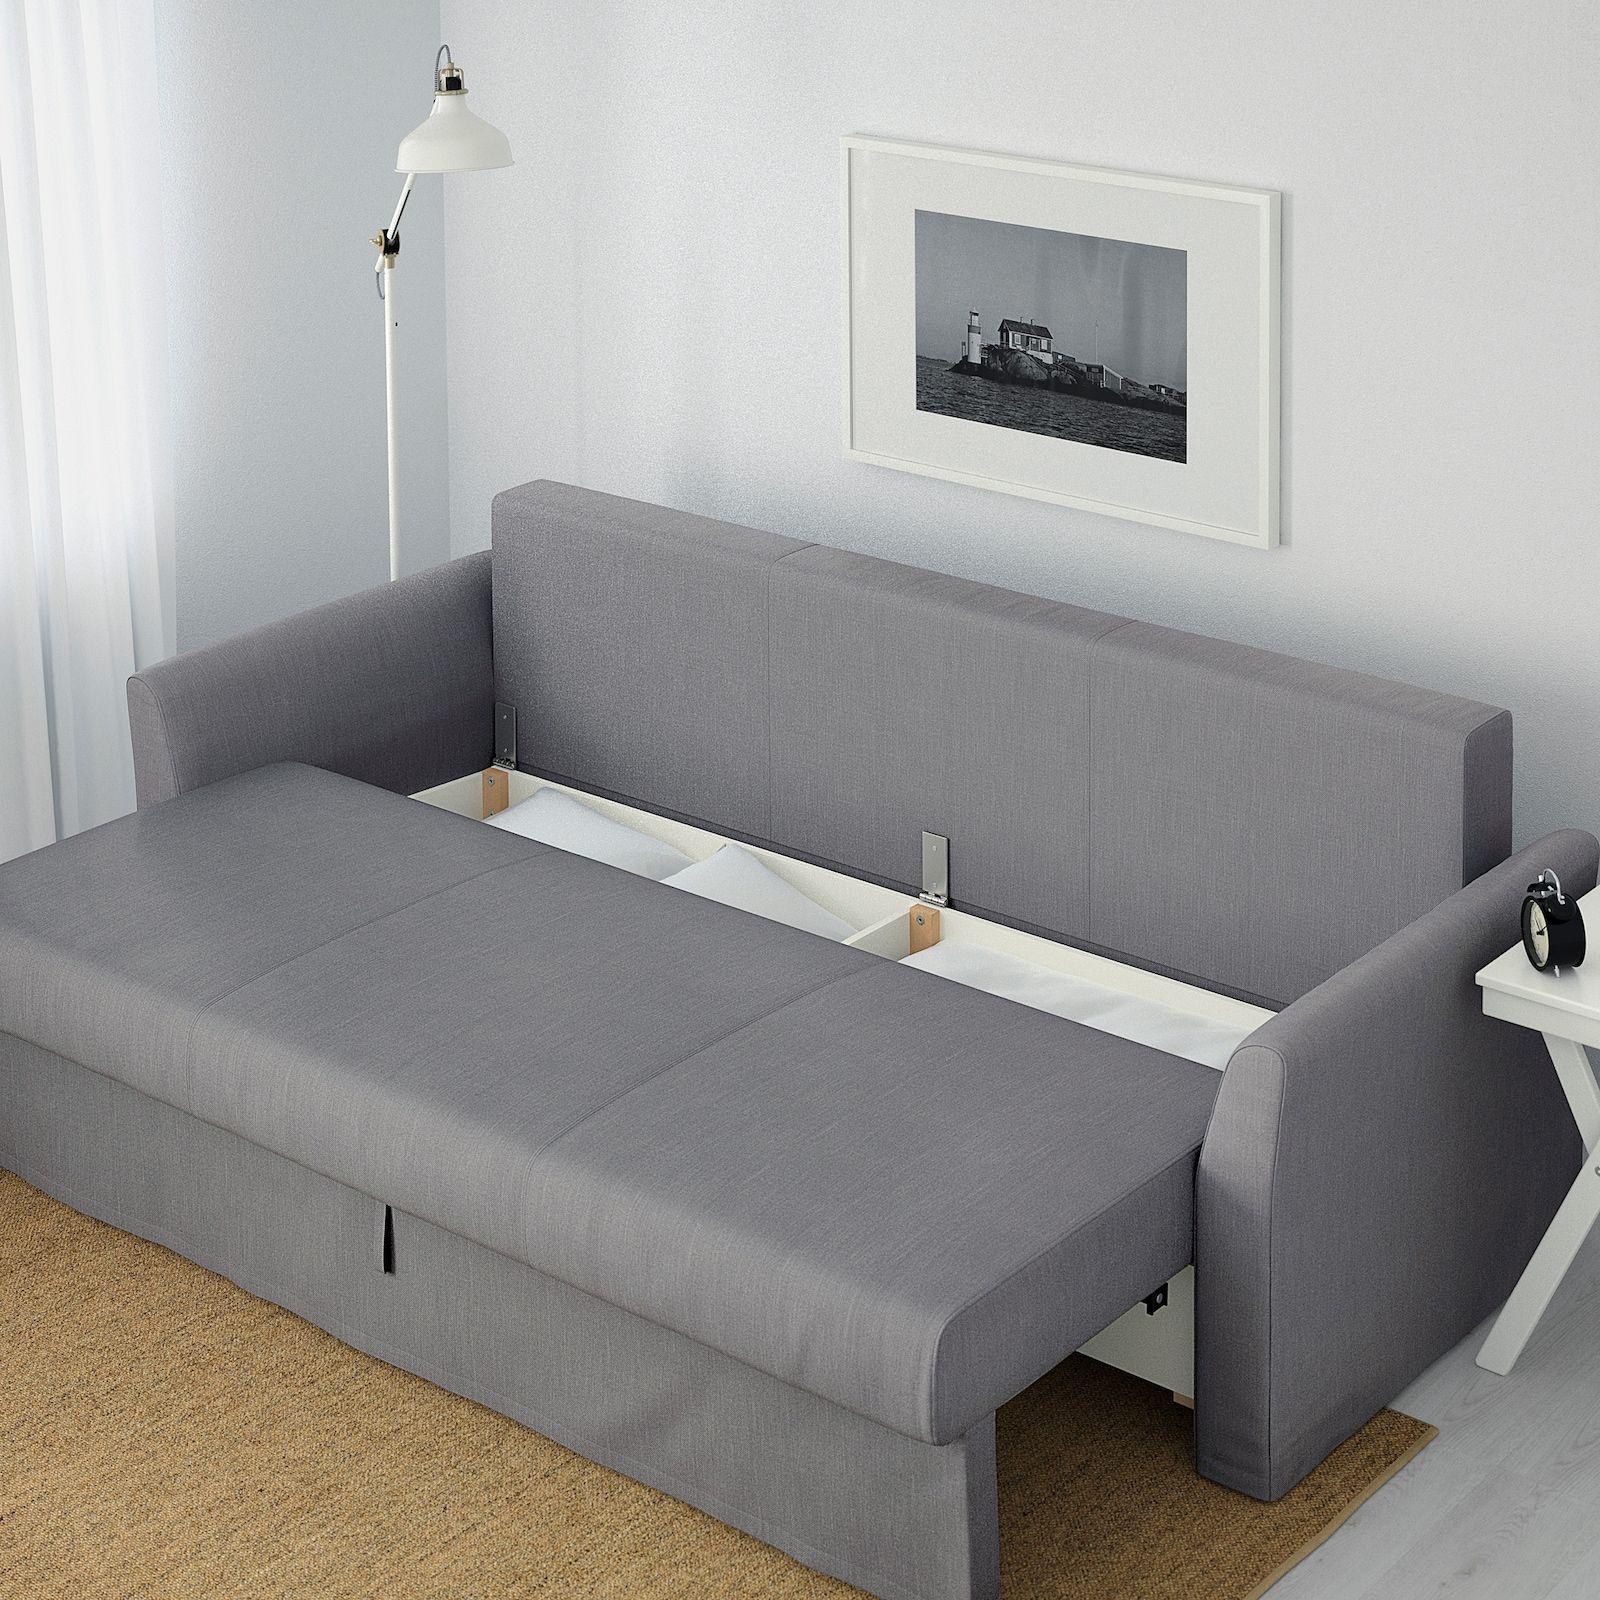 HOLMSUND Sleeper sofa, Nordvalla medium gray IKEA in